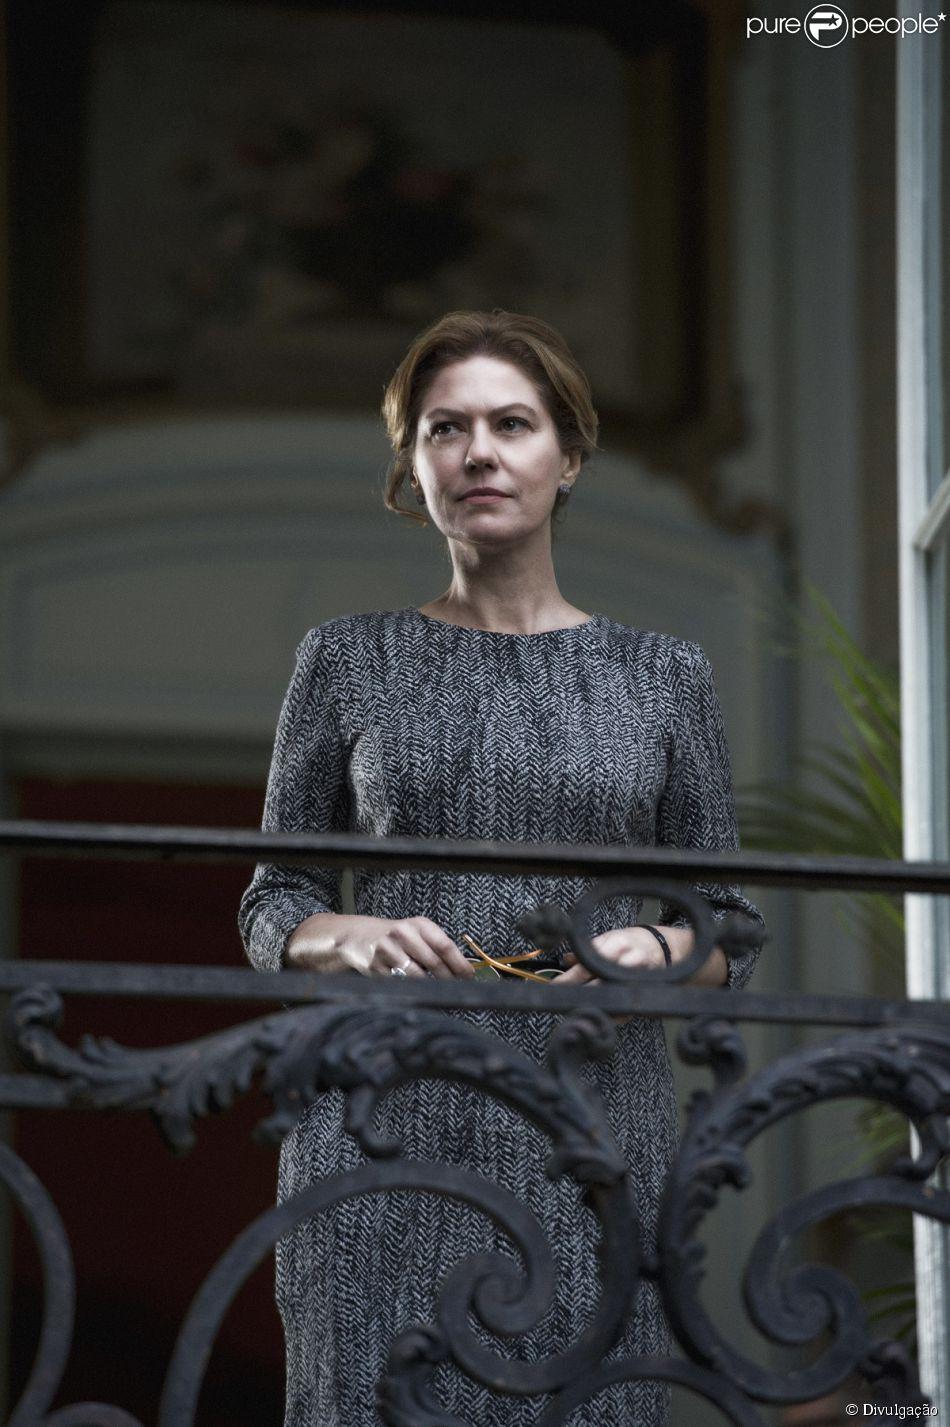 Patricia Pillar é a anfitriã Angela Mahler, em 'O Rebu', a nova novela das onze da Globo, que estreia nesta segunda-feira, 14 de julho de 2014